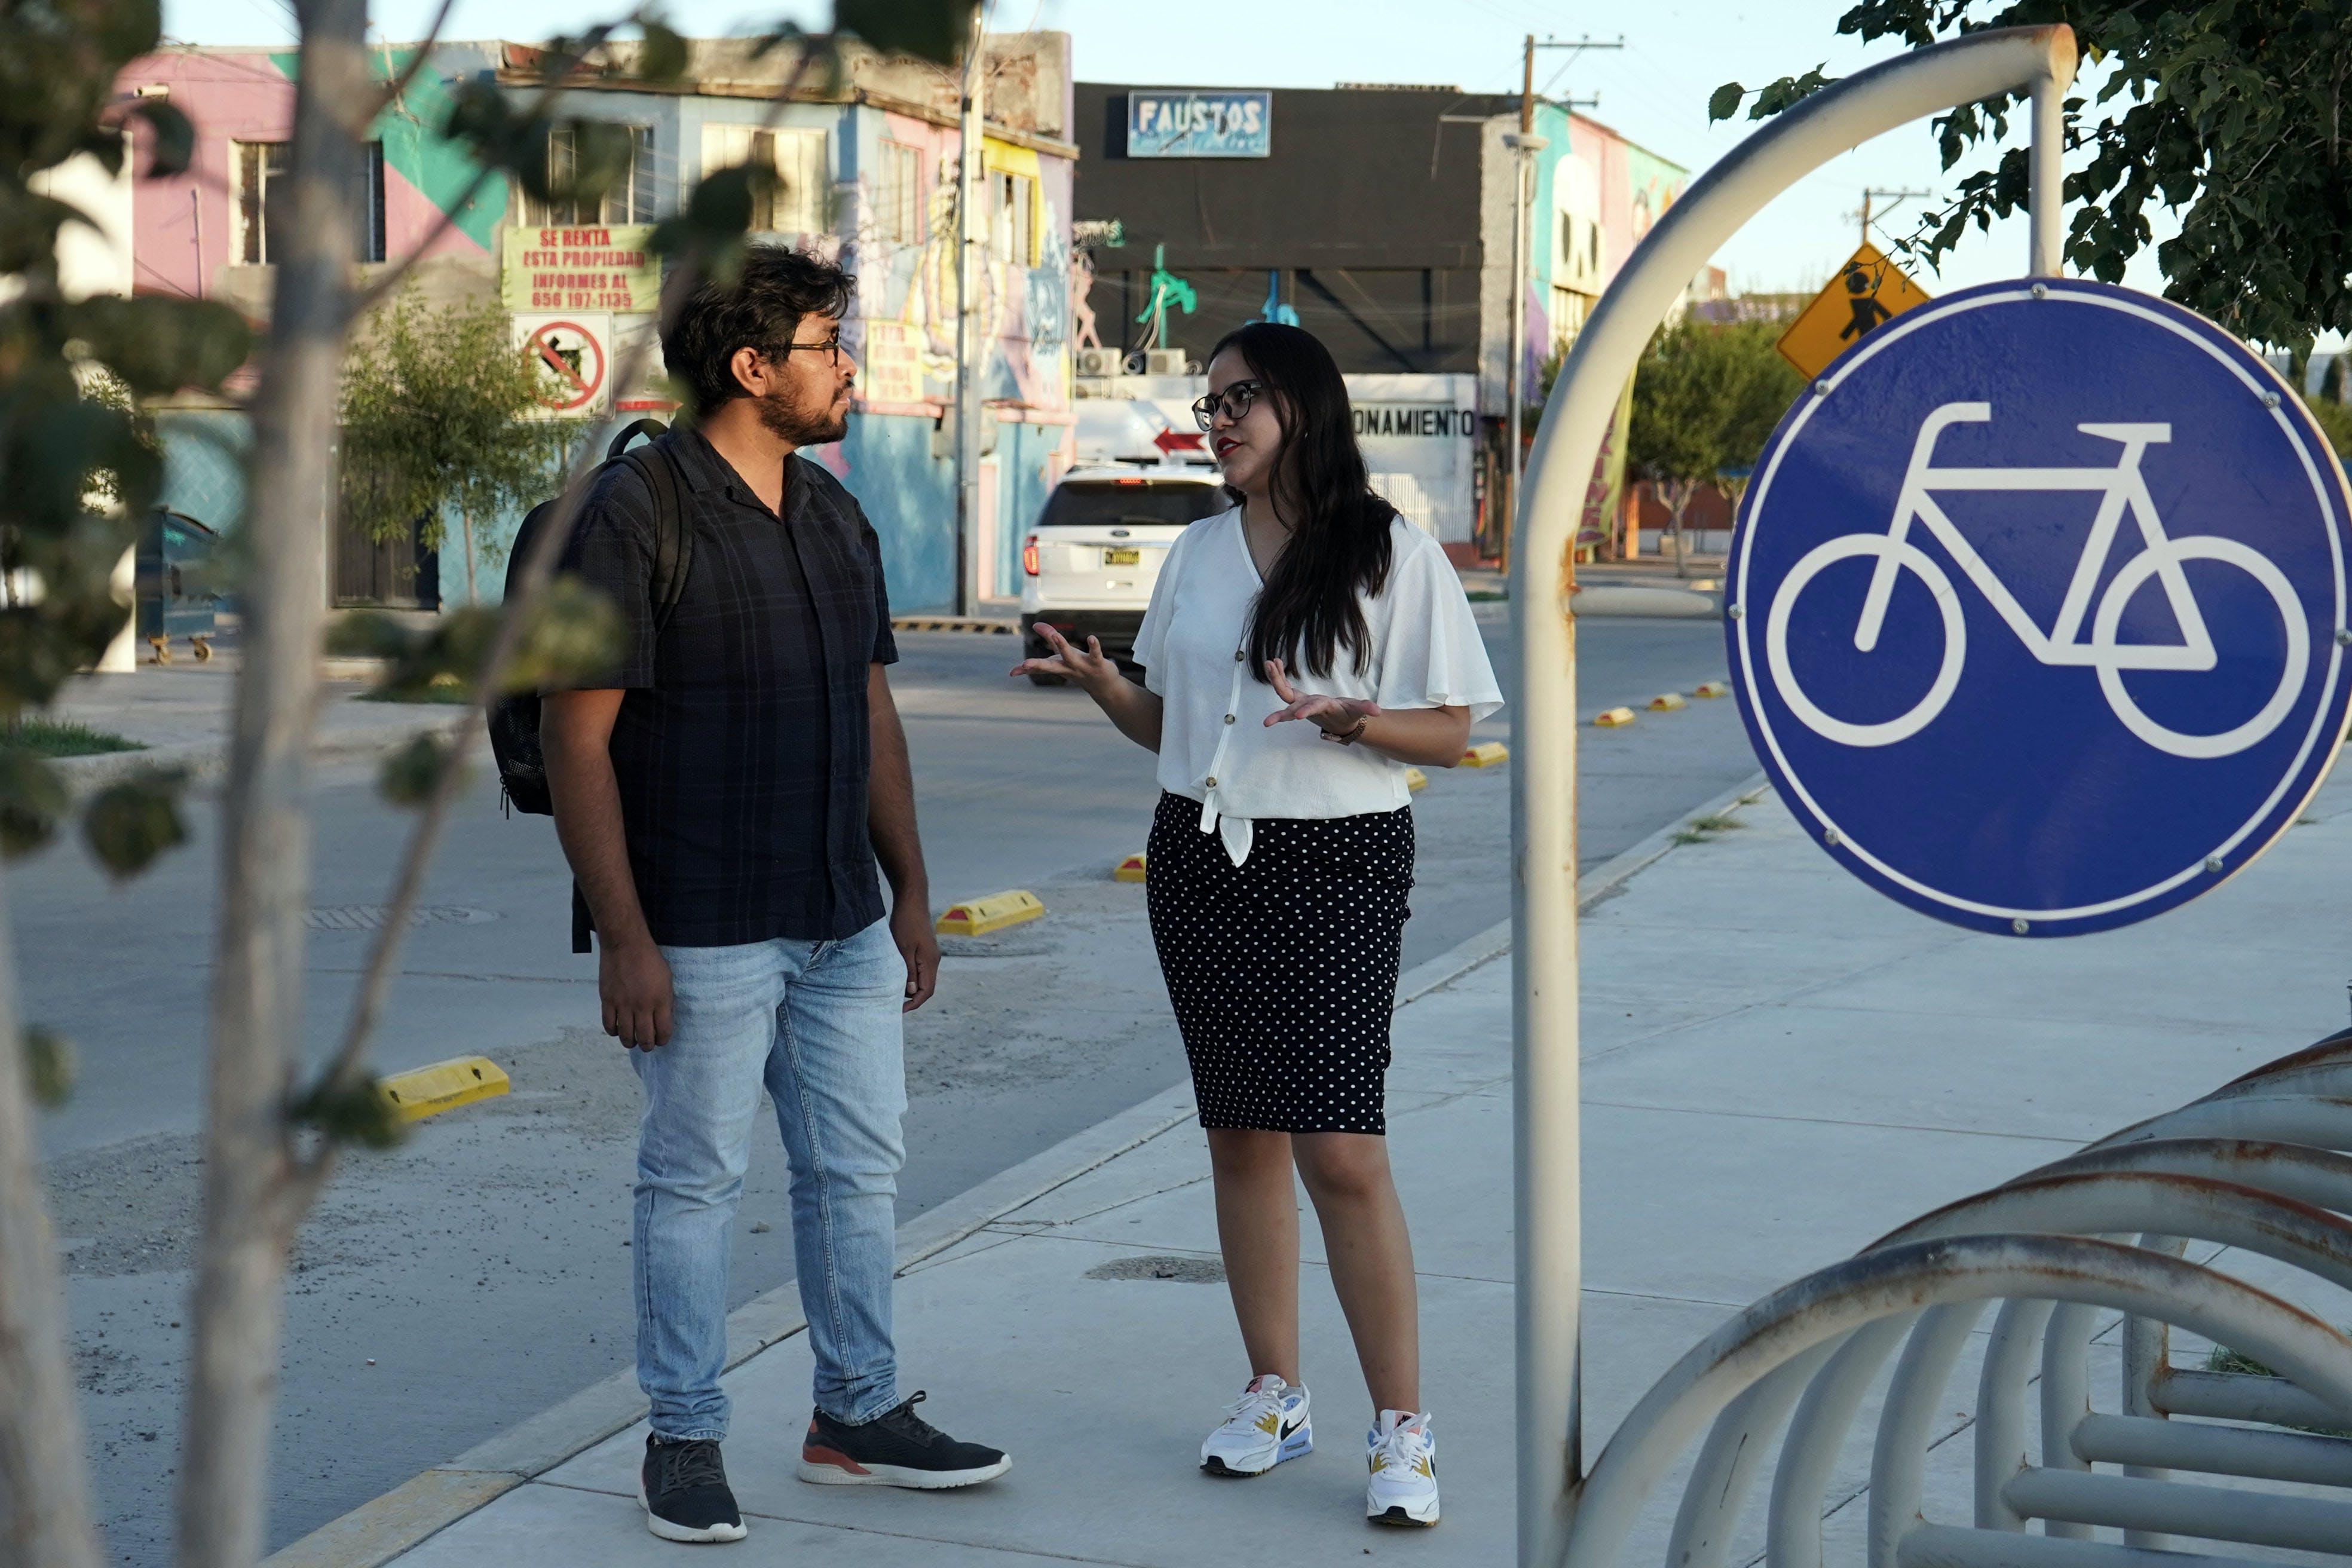 periodistas dialogan en las calles de ciudad juarez